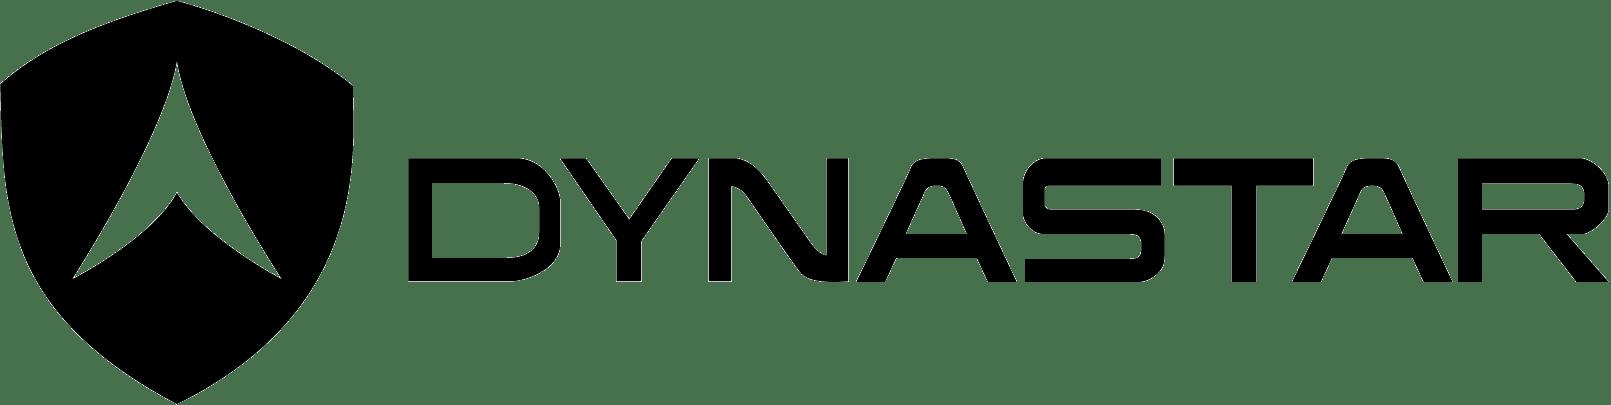 logo-dynastar